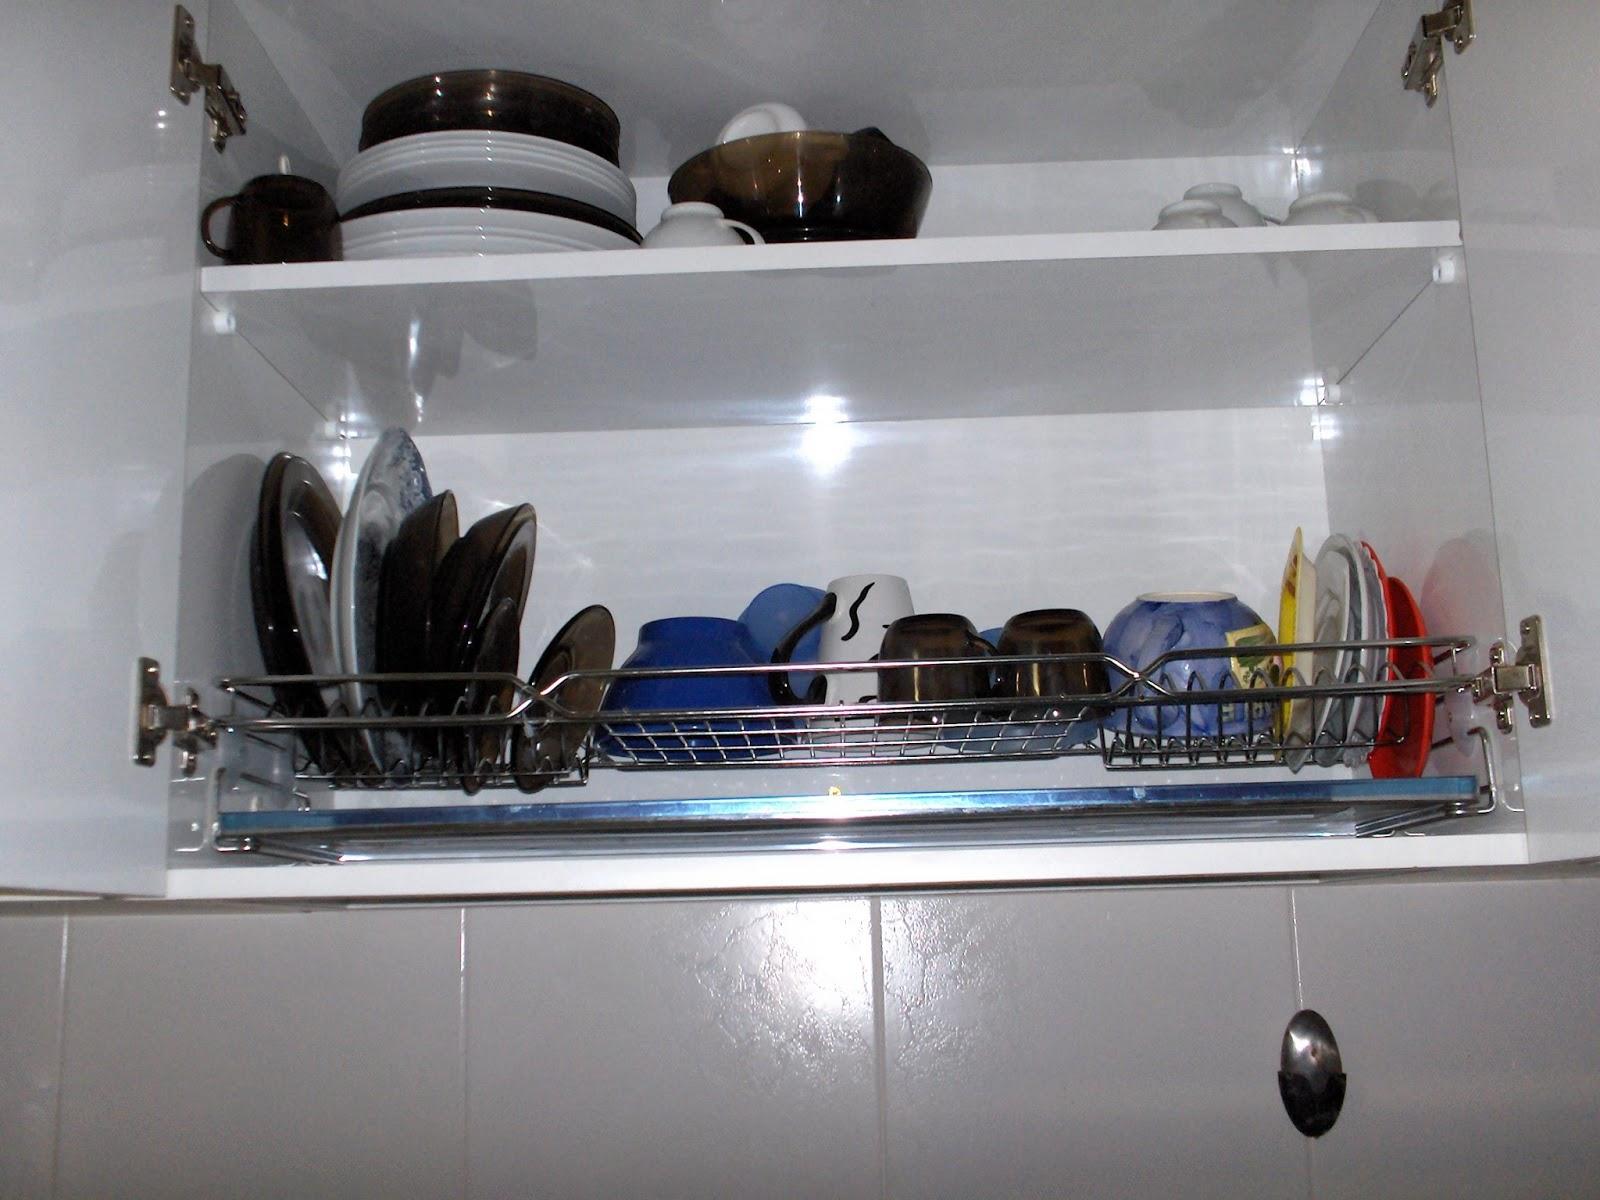 #344363 Armario De Cozinha Embutido 1 Car Interior Design 1600x1200 px Armario De Cozinha Nas Casas Bahia De 199 00_1656 Imagens